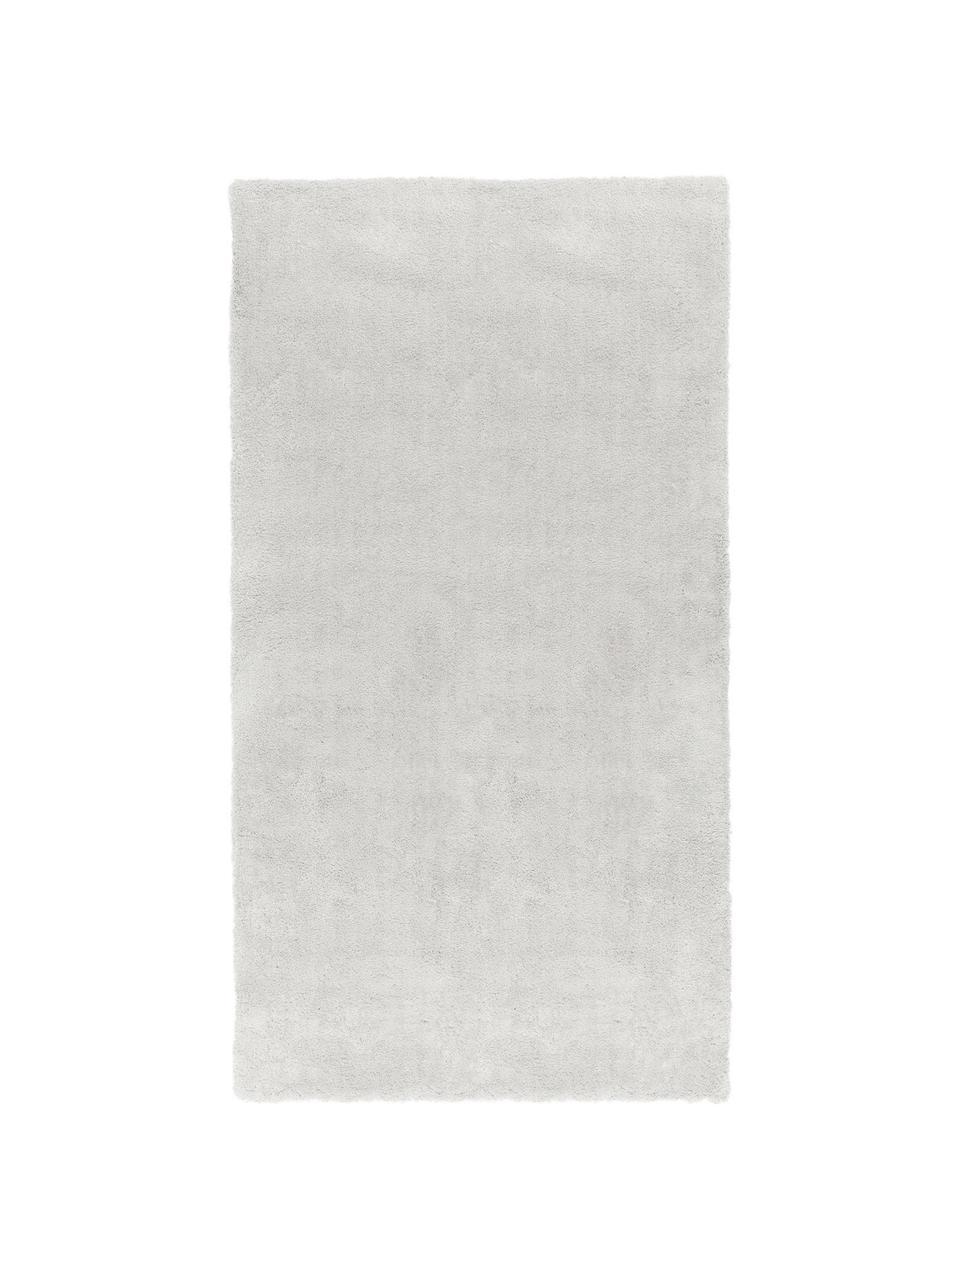 Zacht hoogpolig vloerkleed Leighton in lichtgrijs-beige, Bovenzijde: microvezels (100% polyest, Onderzijde: 70% polyester, 30% katoen, Lichtgrijs-beige, B 200 x L 300 cm (maat L)